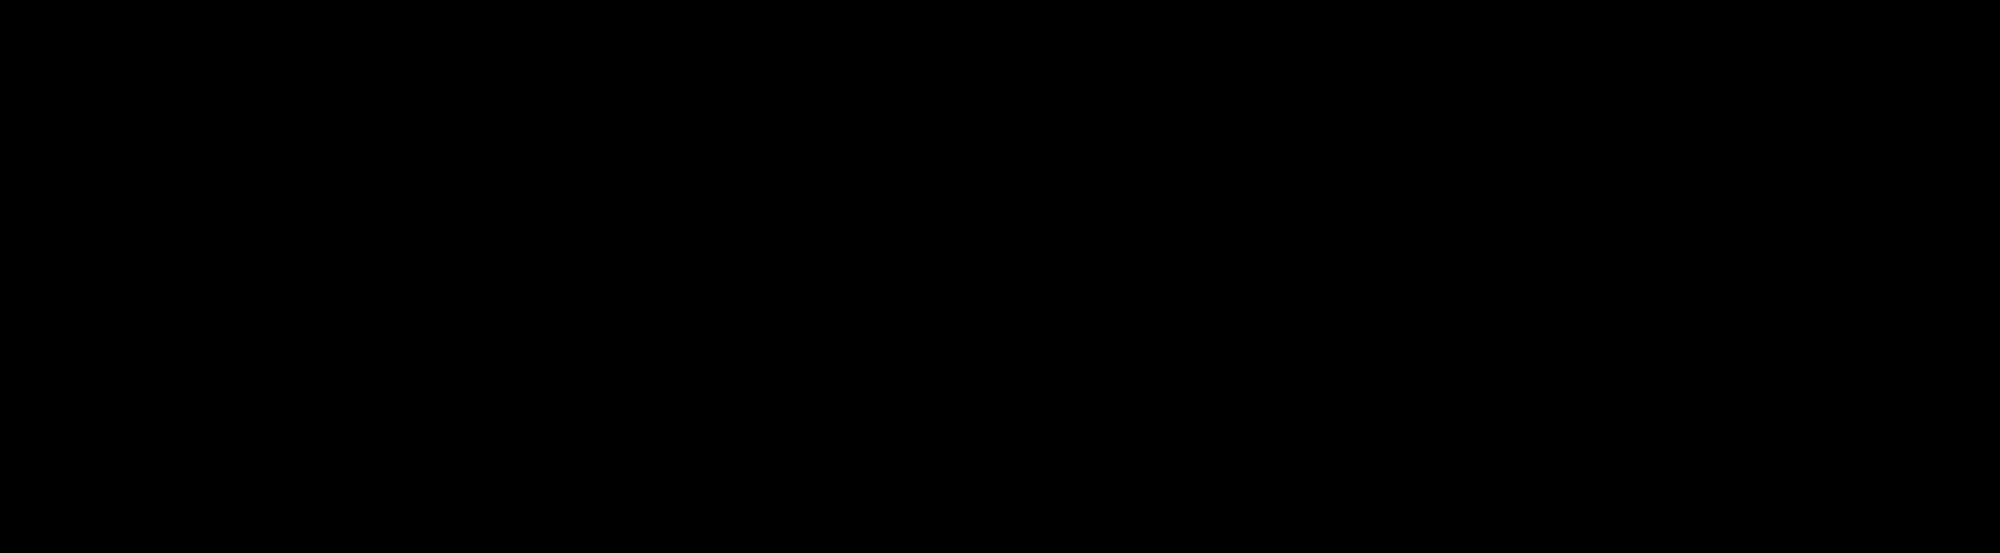 TUFMED-logo-horiz-blk.png